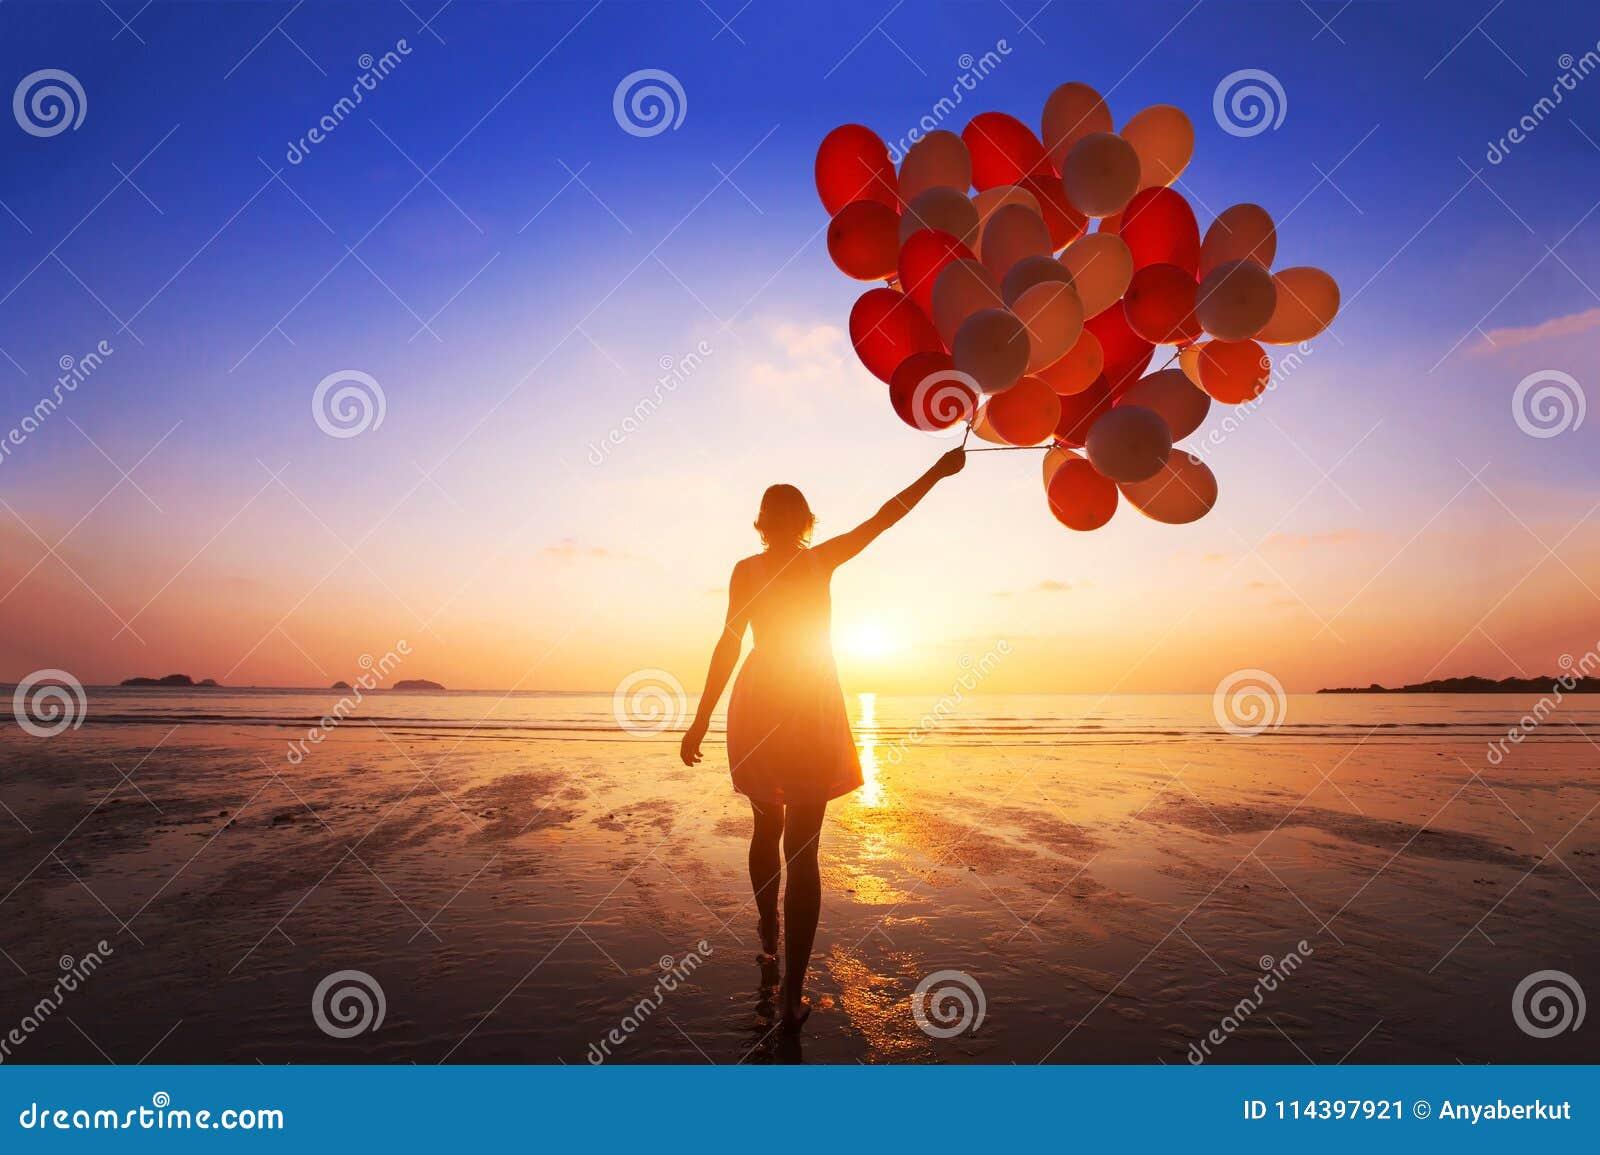 Inspiratie, vreugde en gelukconcept, silhouet van vrouw met vele vliegende ballons